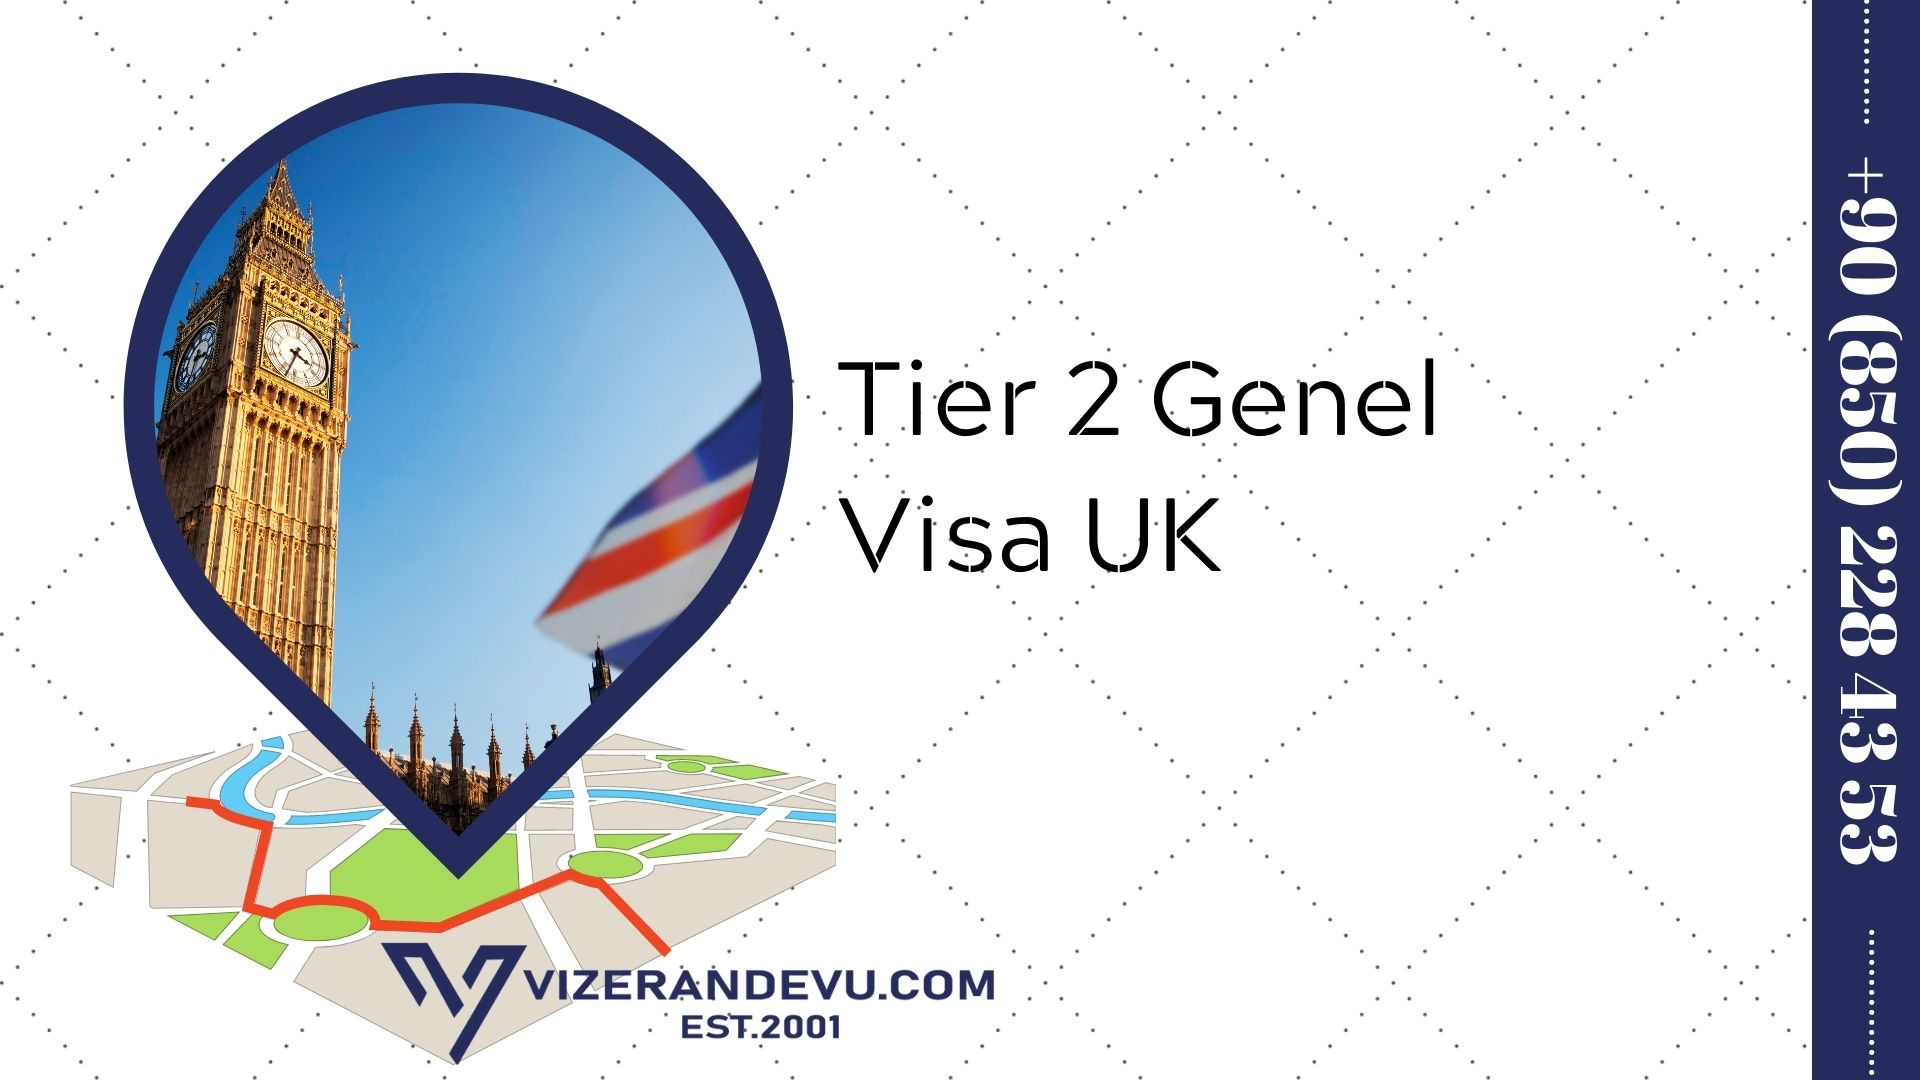 Tier 2 Genel Visa UK 1 – tier 2 genel visa uk